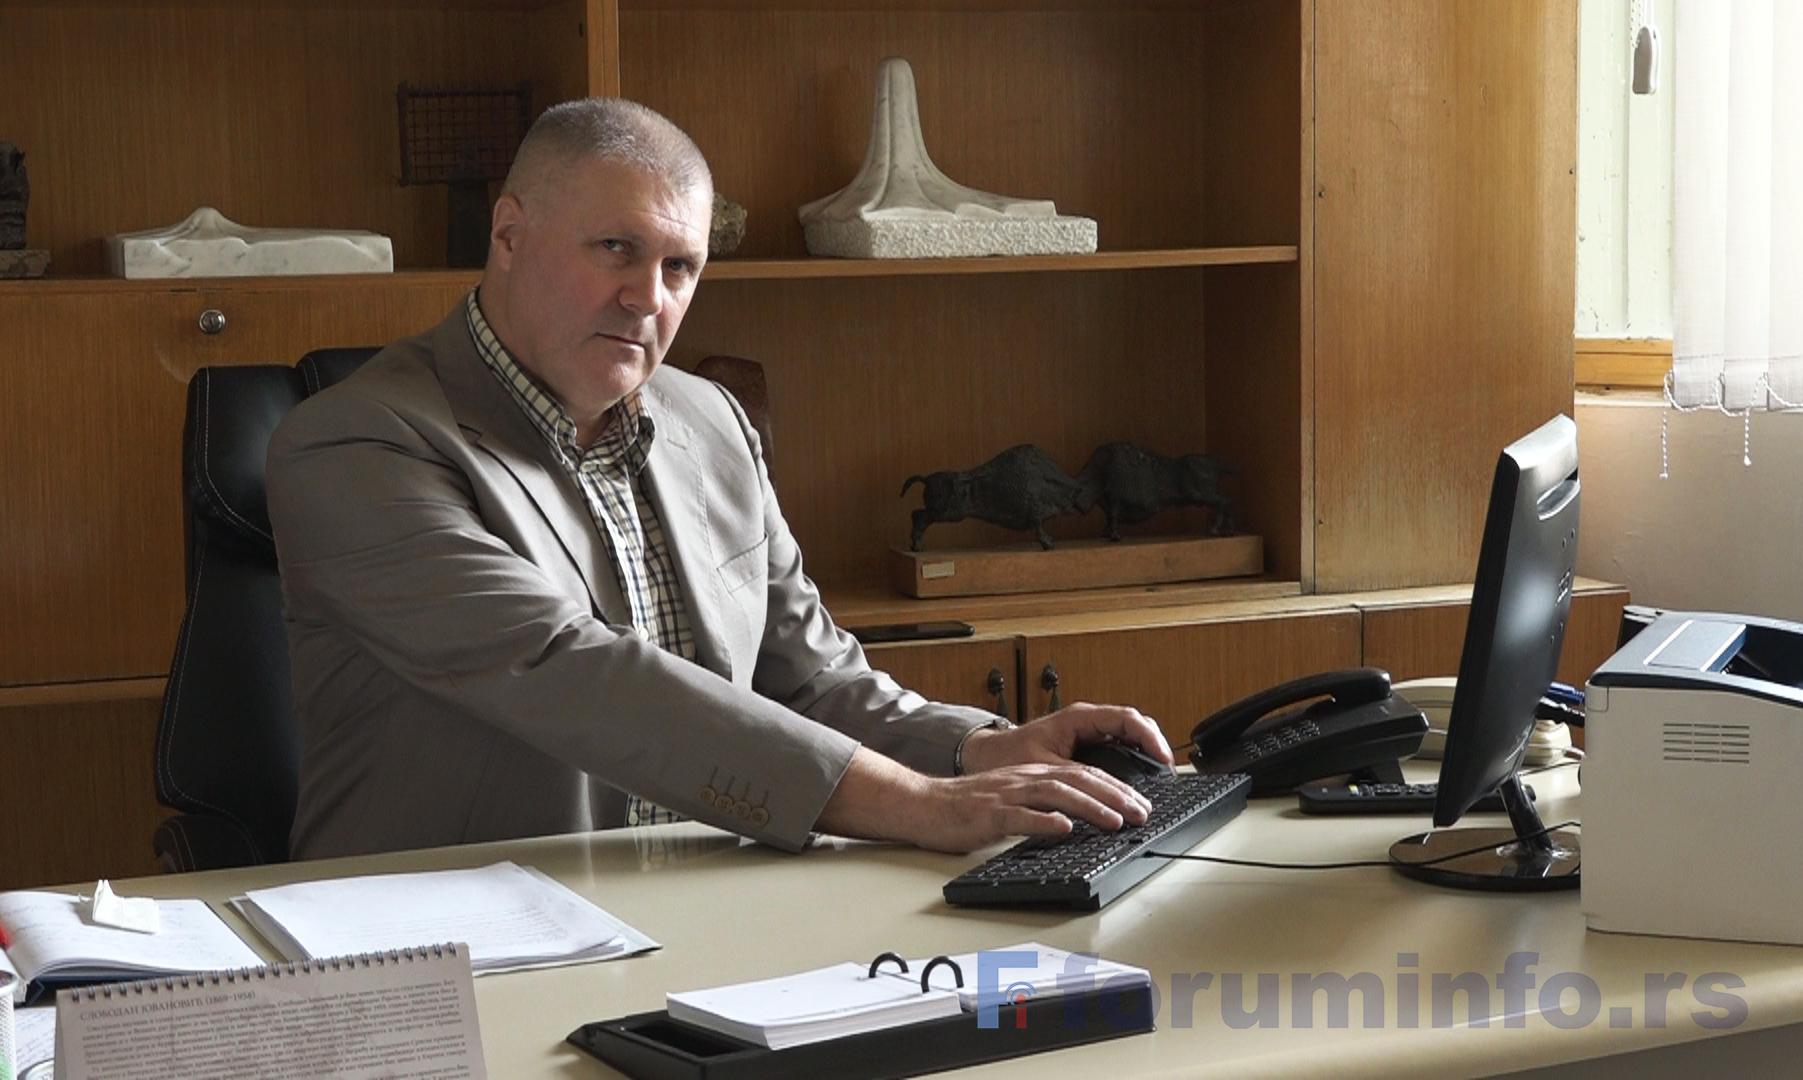 Нови в.д. директора Дома културе Вељко Кијановић: Трудићу се да унапредим рад ове установе